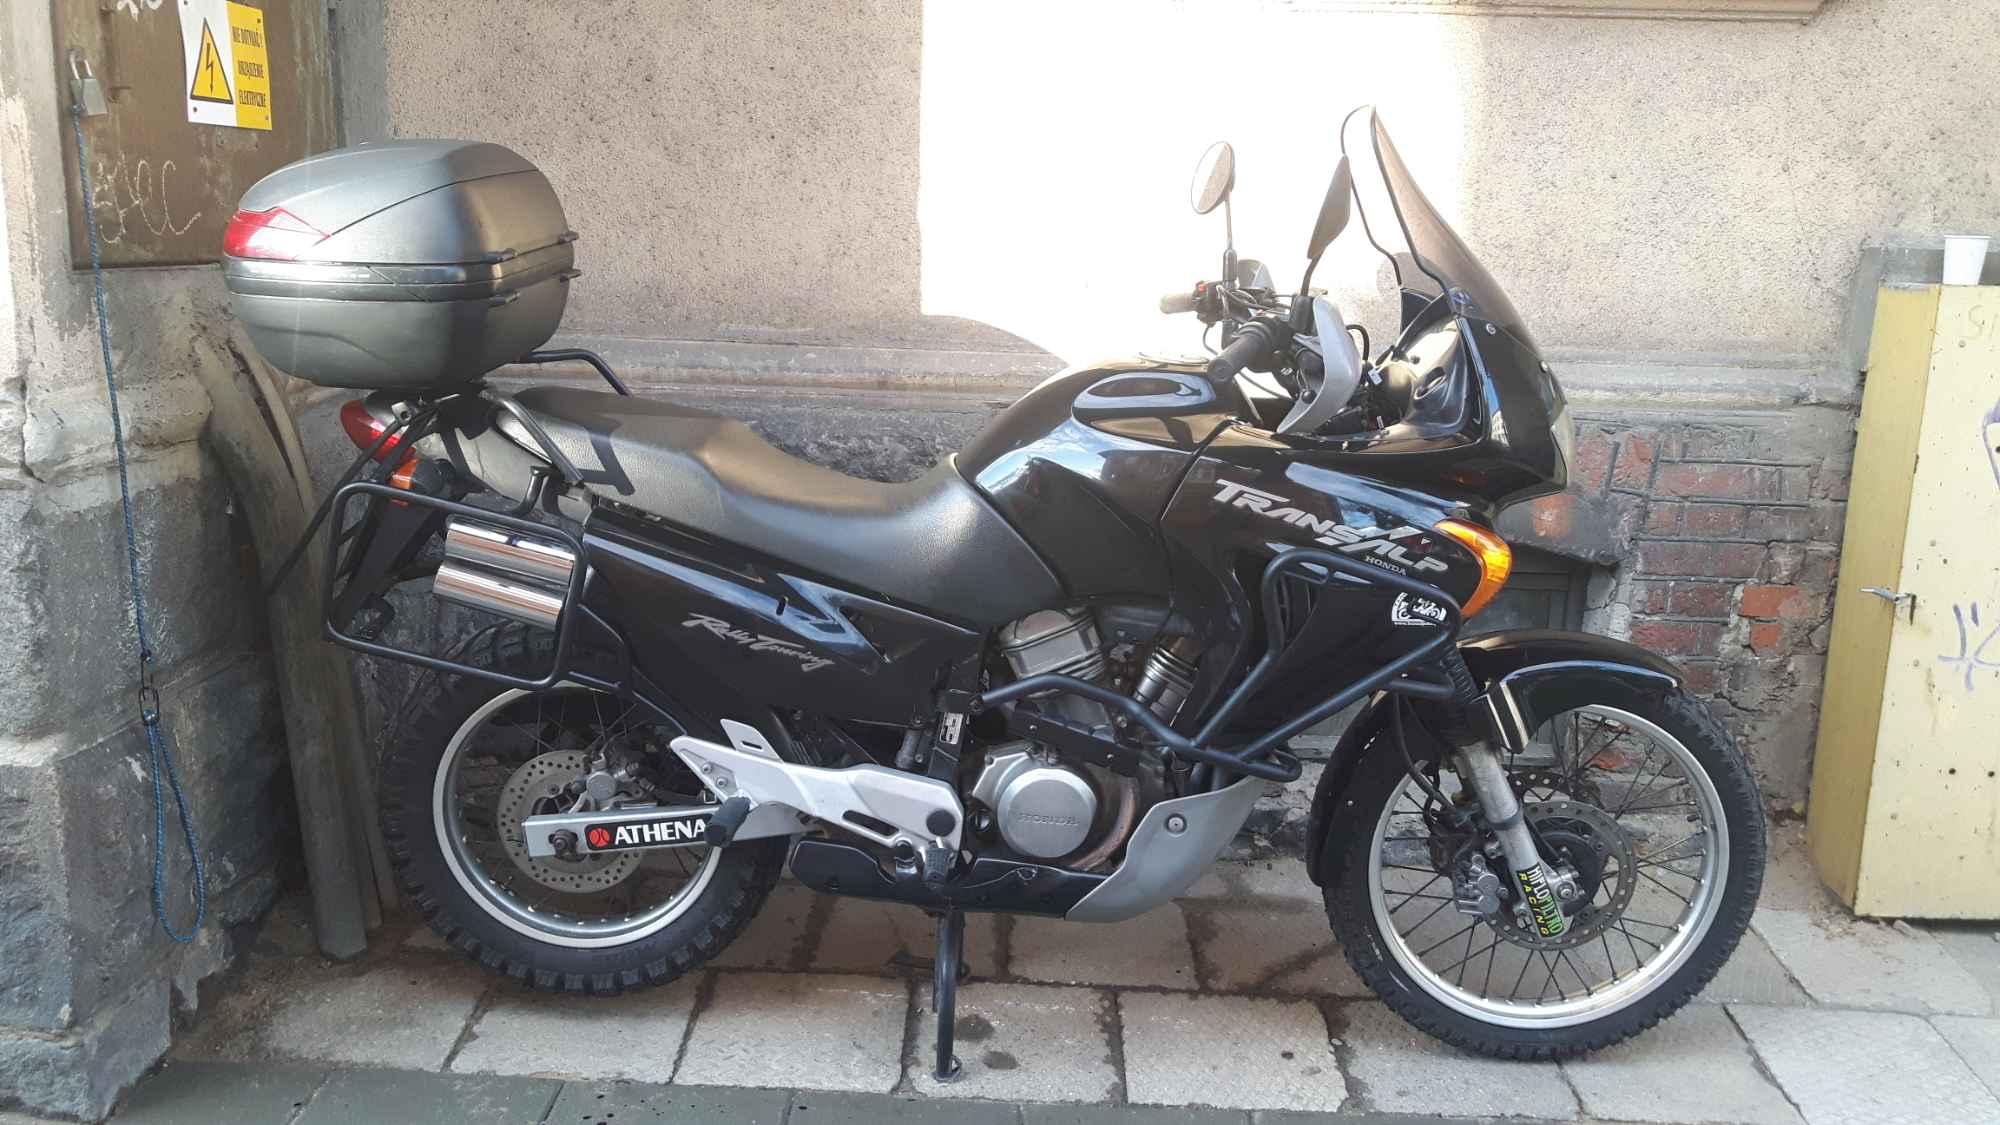 Sprzedam Honde XL650V Transalp Olsztyn - zdjęcie 2